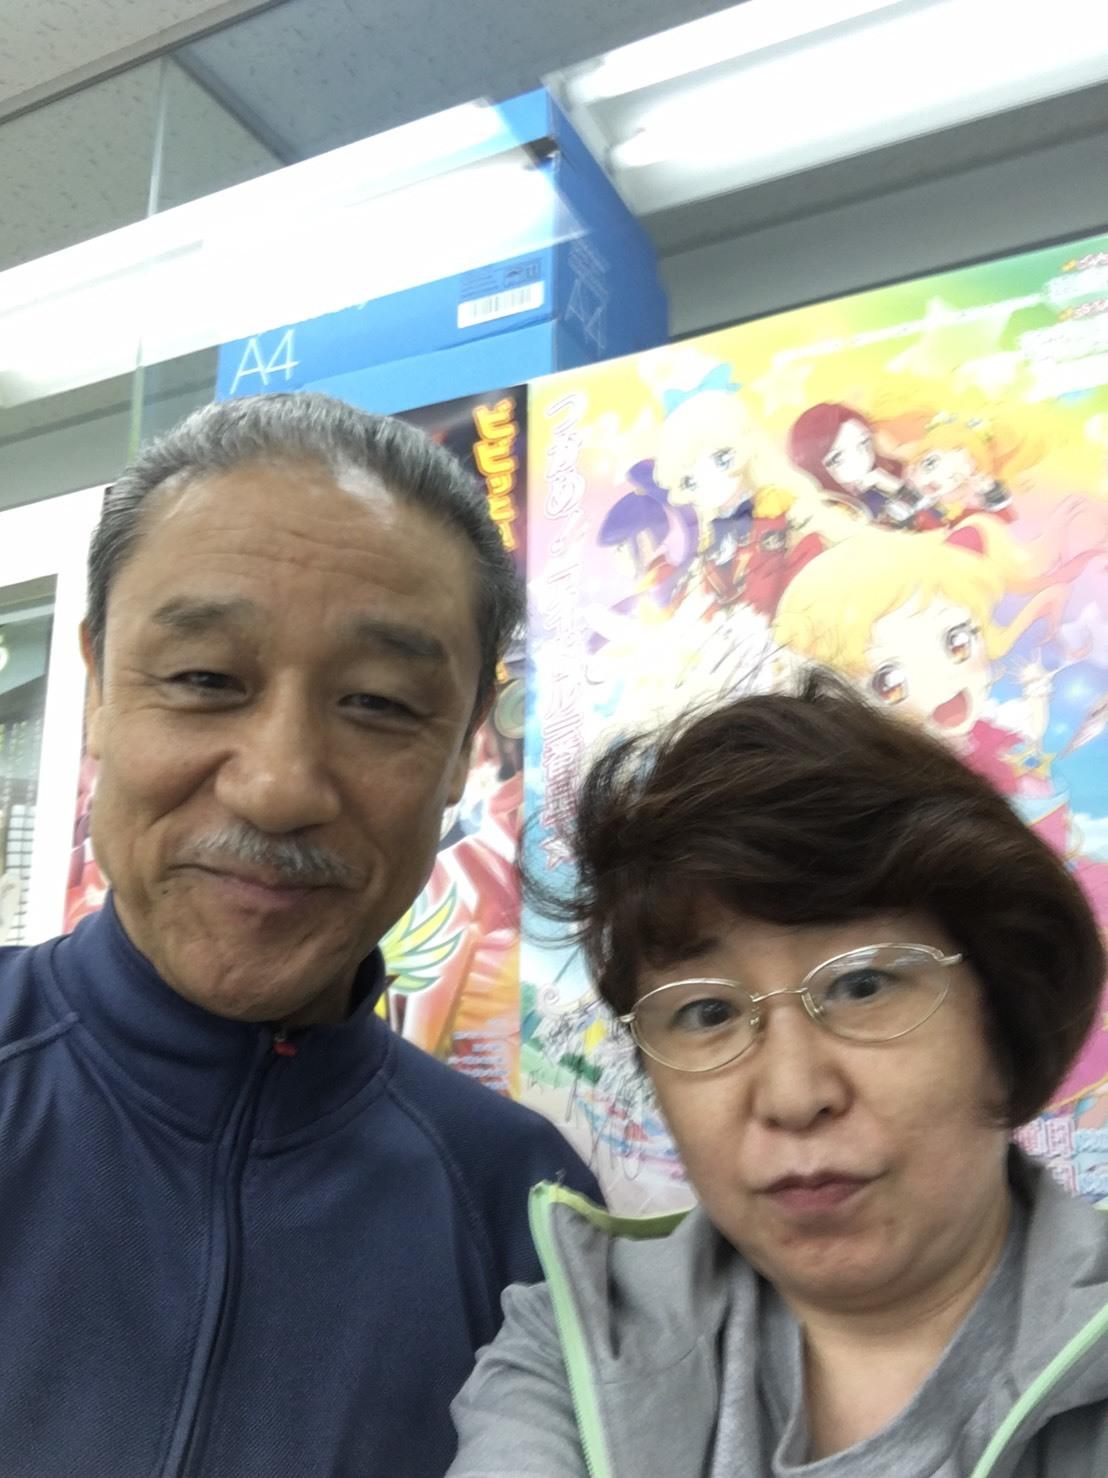 関西テレビ「NMBとまなぶくん」_a0163623_20451342.jpg